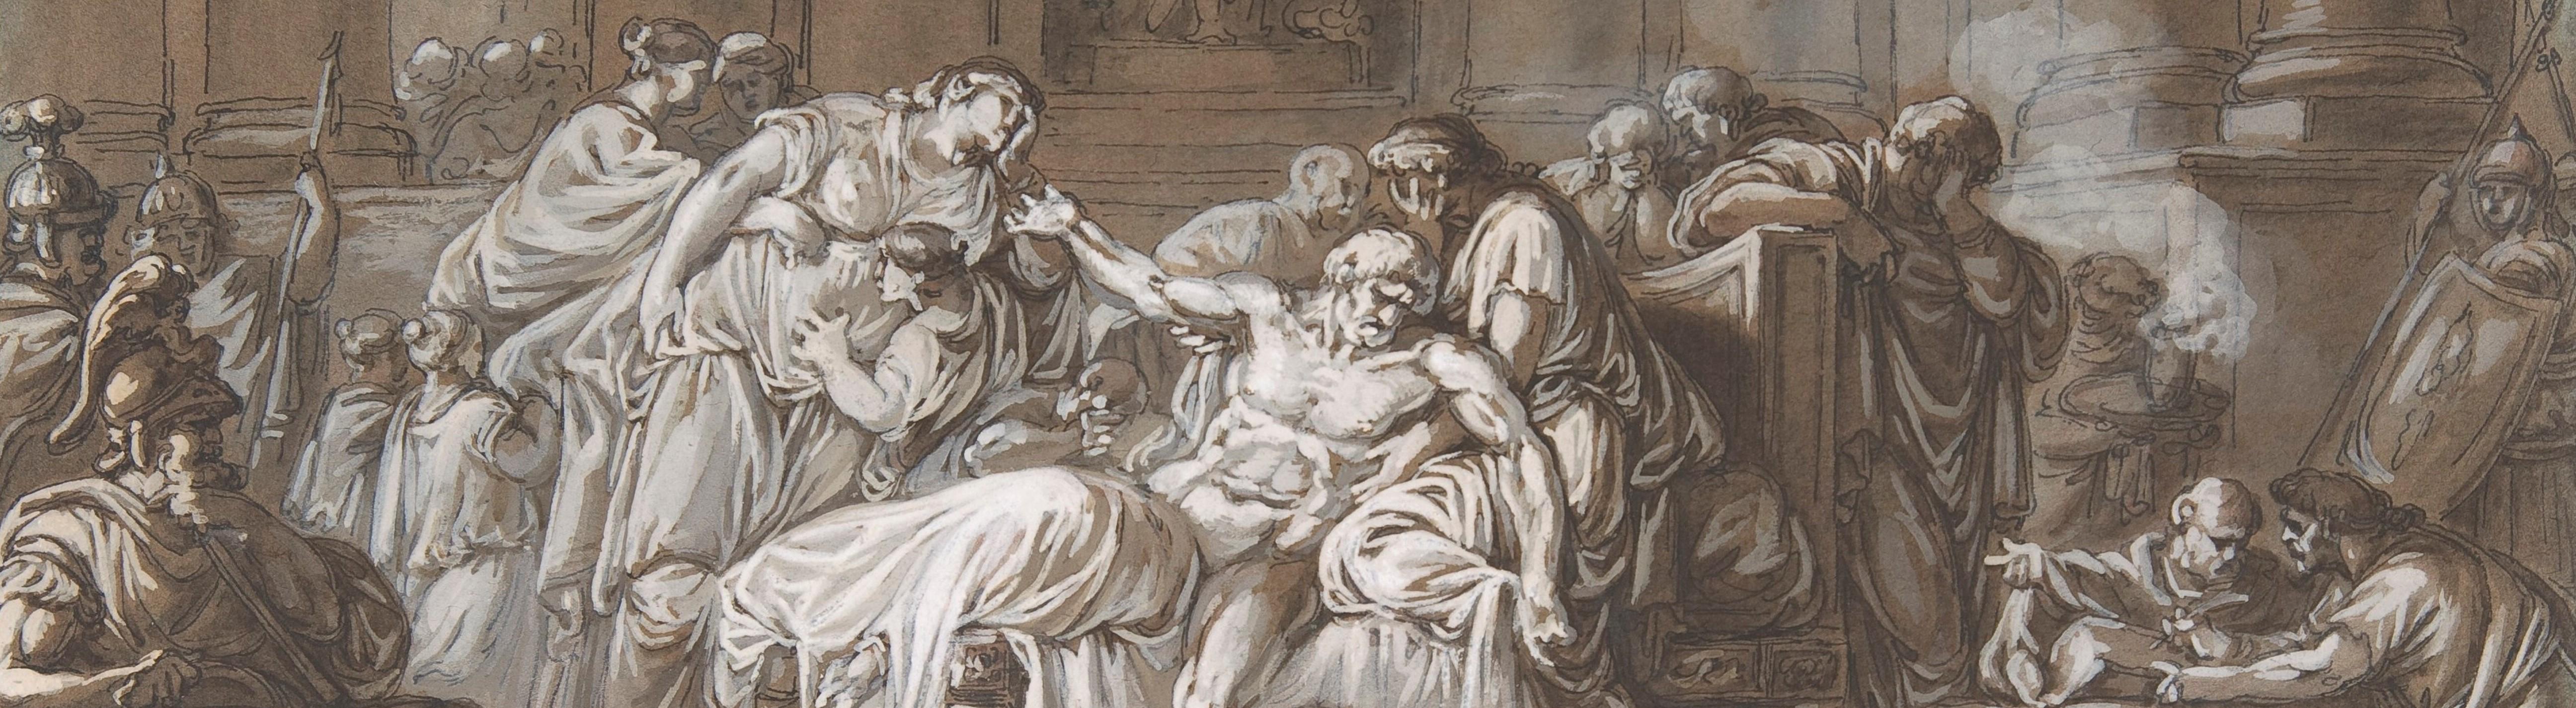 Bild: Der Tod von Seneca, von Jean Guillaume Moitte (1746-1810 Paris)